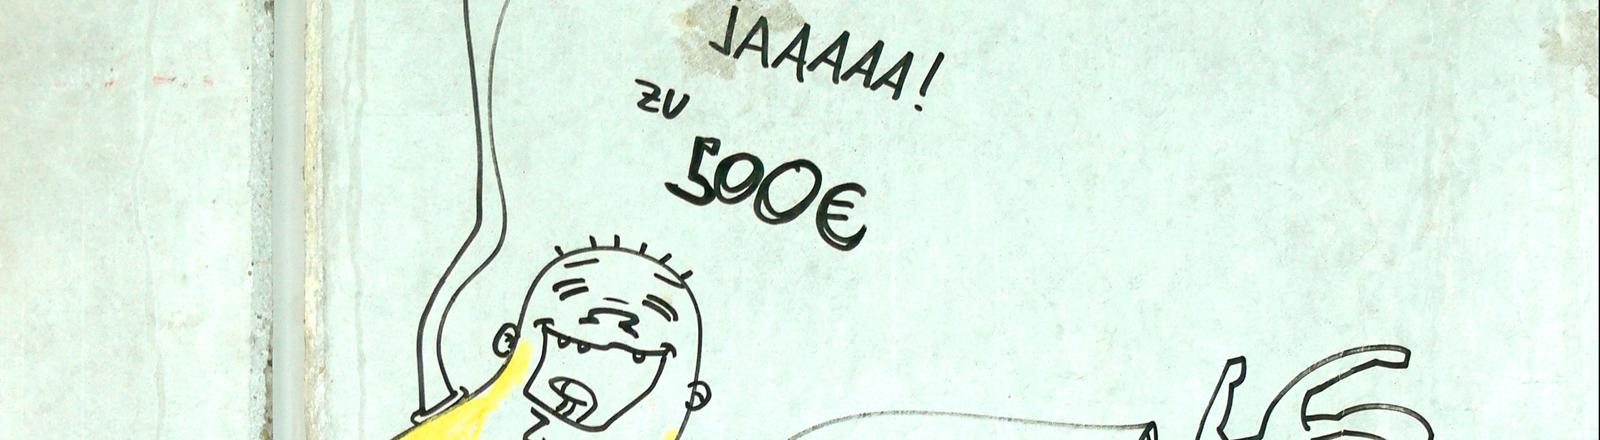 Eine gezeichnete Figur, über der steht: Sag jaaa! zu 500 Euro